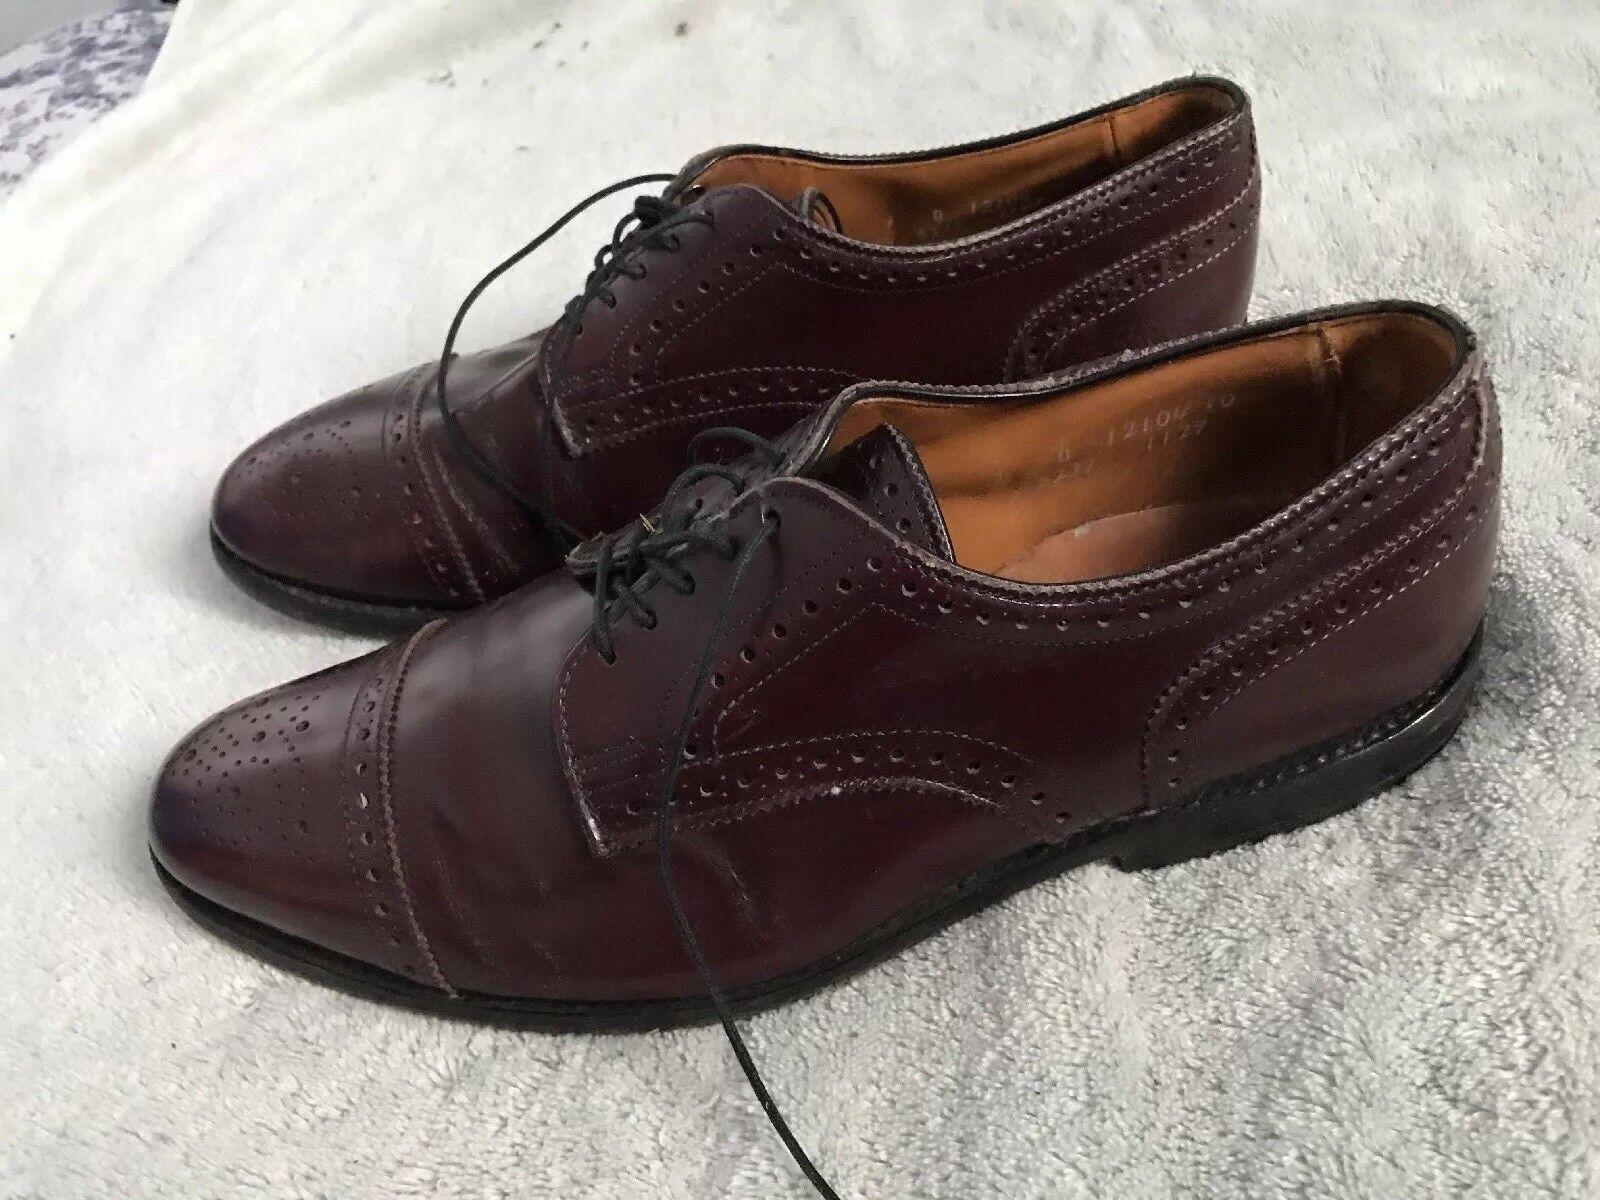 Allen Edmonds Sanford Wing Tips Marroneee  Leather scarpe Mens Sz 9 SC8